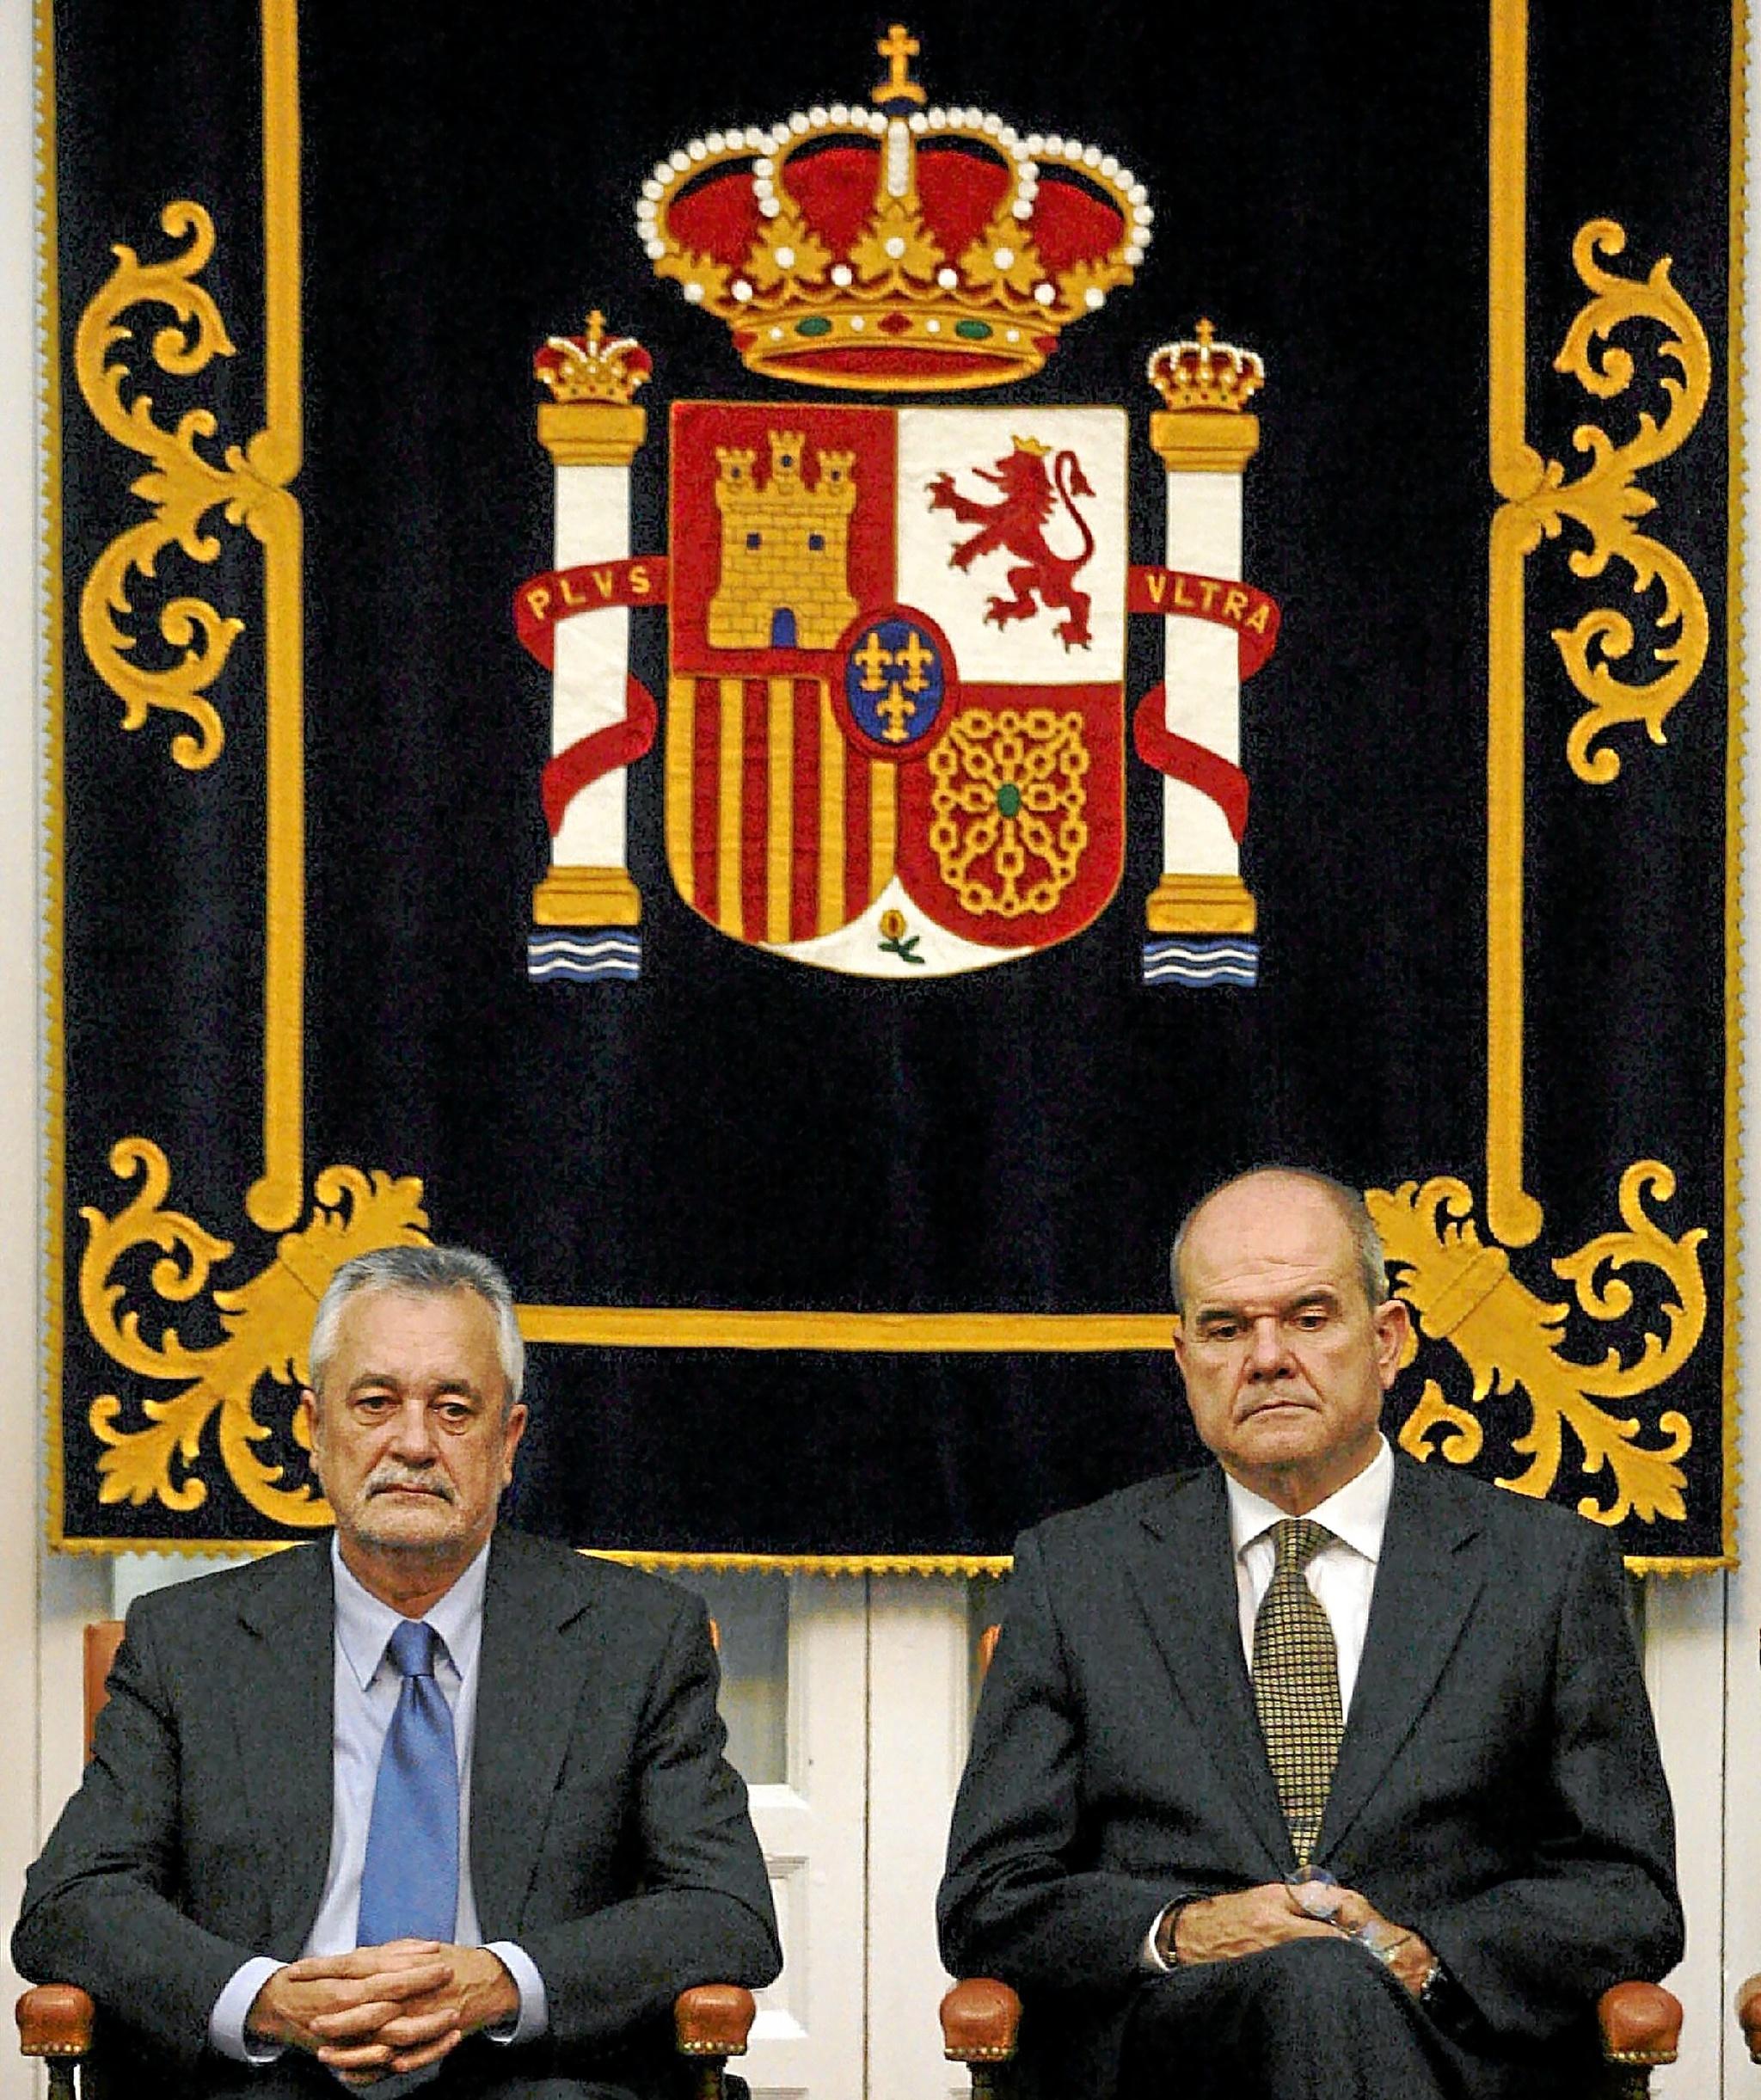 El vicepresidente tercero, Manuel Chaves, y el presidente de la Junta de Andalucía, José Antonio Griñán, durante un homenaje a la Constitución en la delegación del Gobierno en Sevilla.